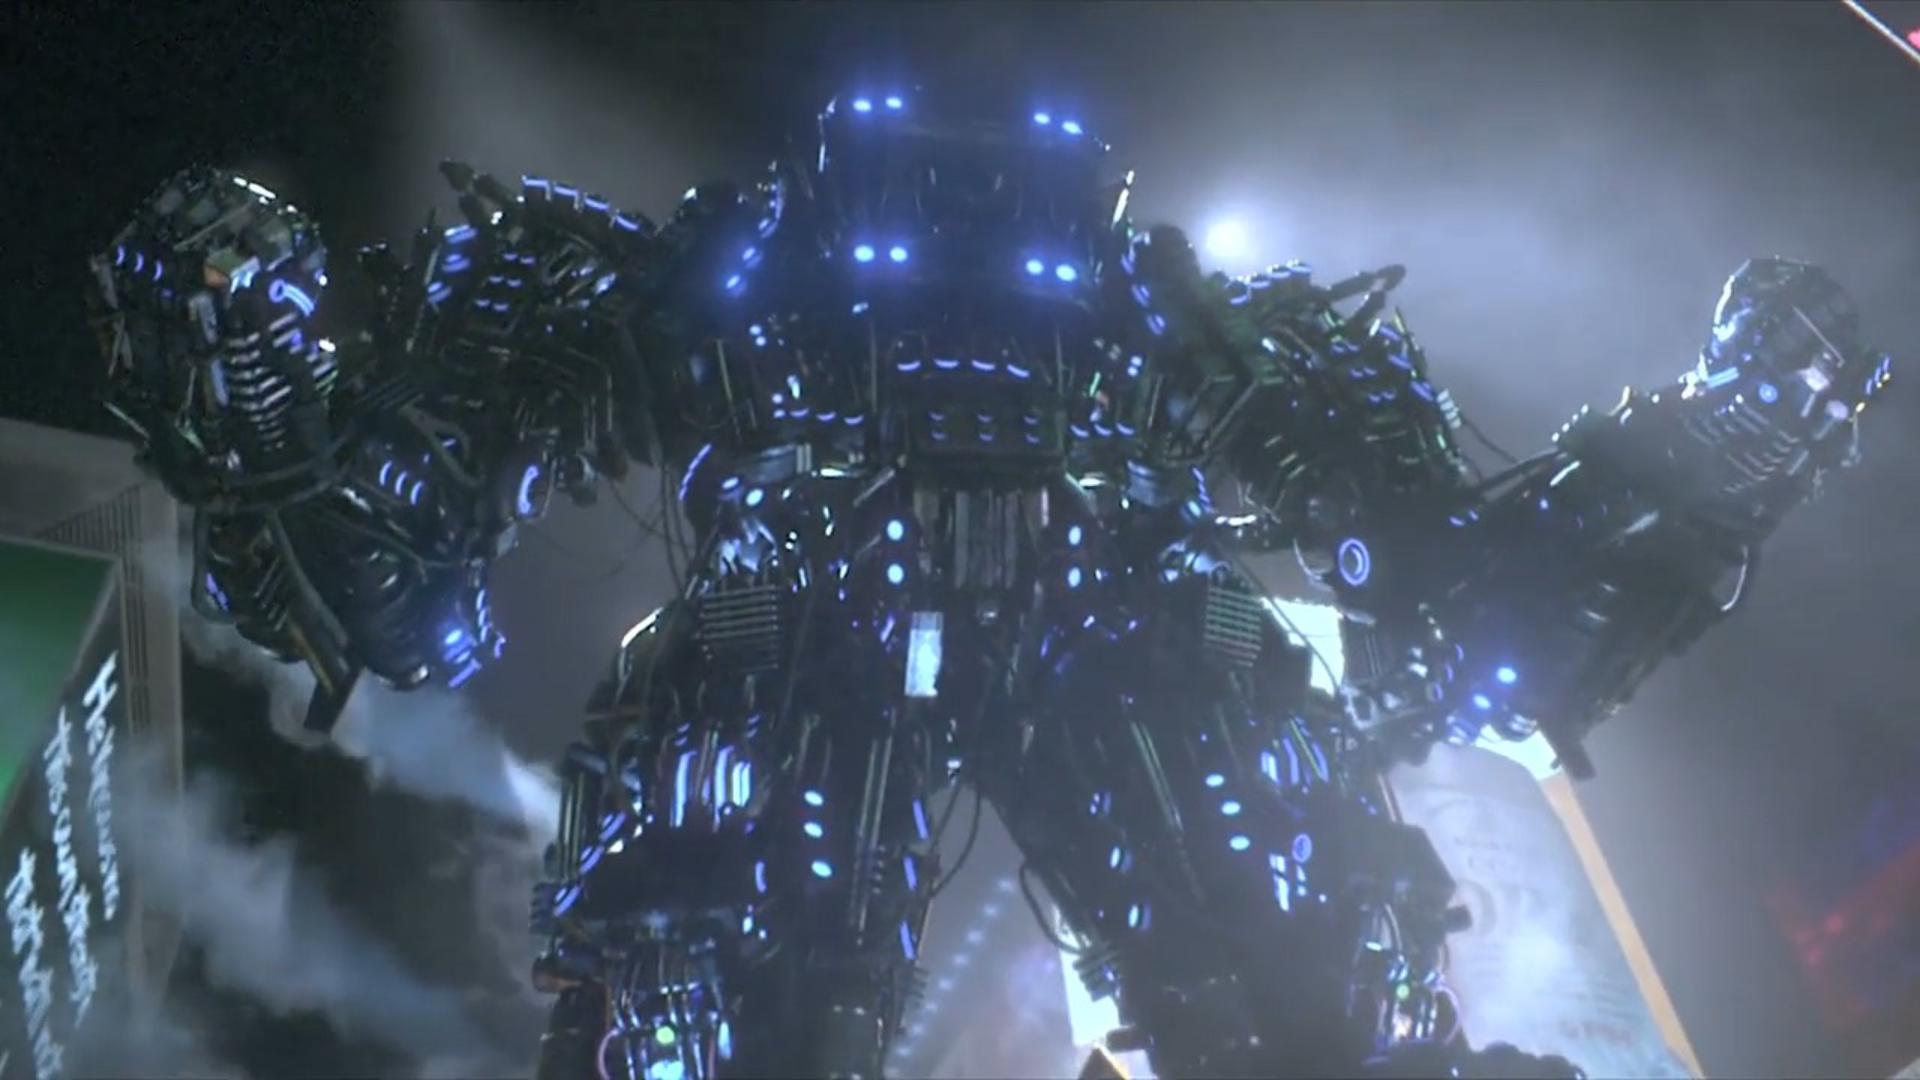 盘点几部好看震撼的机械科幻电影